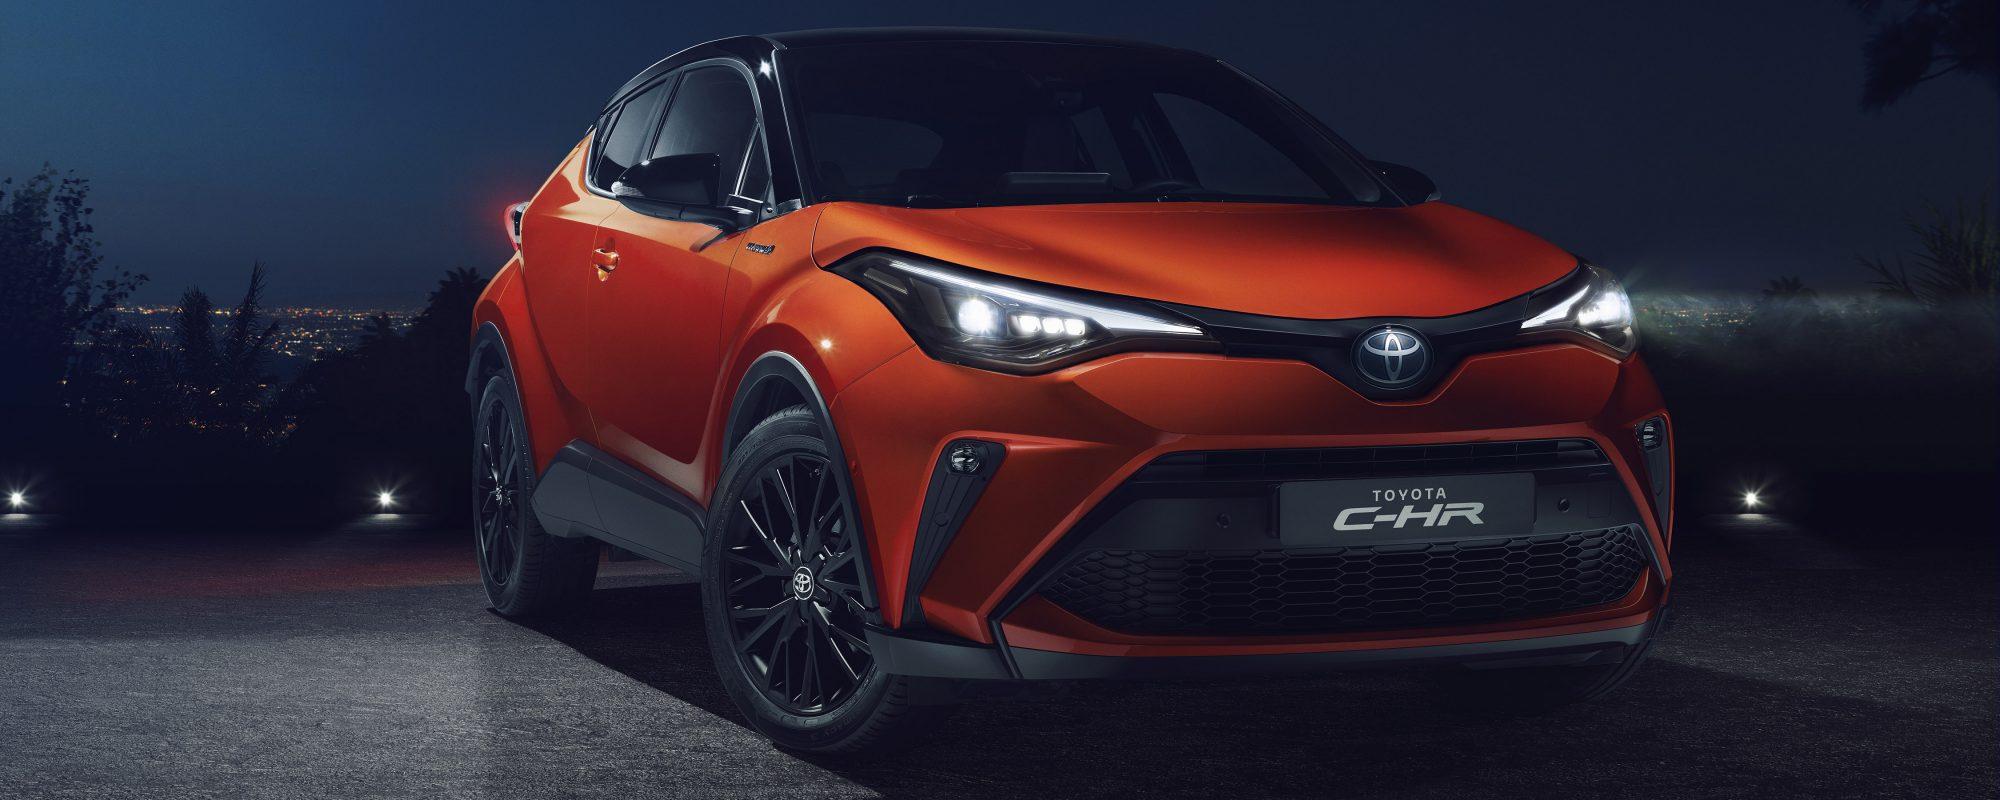 Nieuwe Toyota C-HR: High Power Hybrid en meer connected